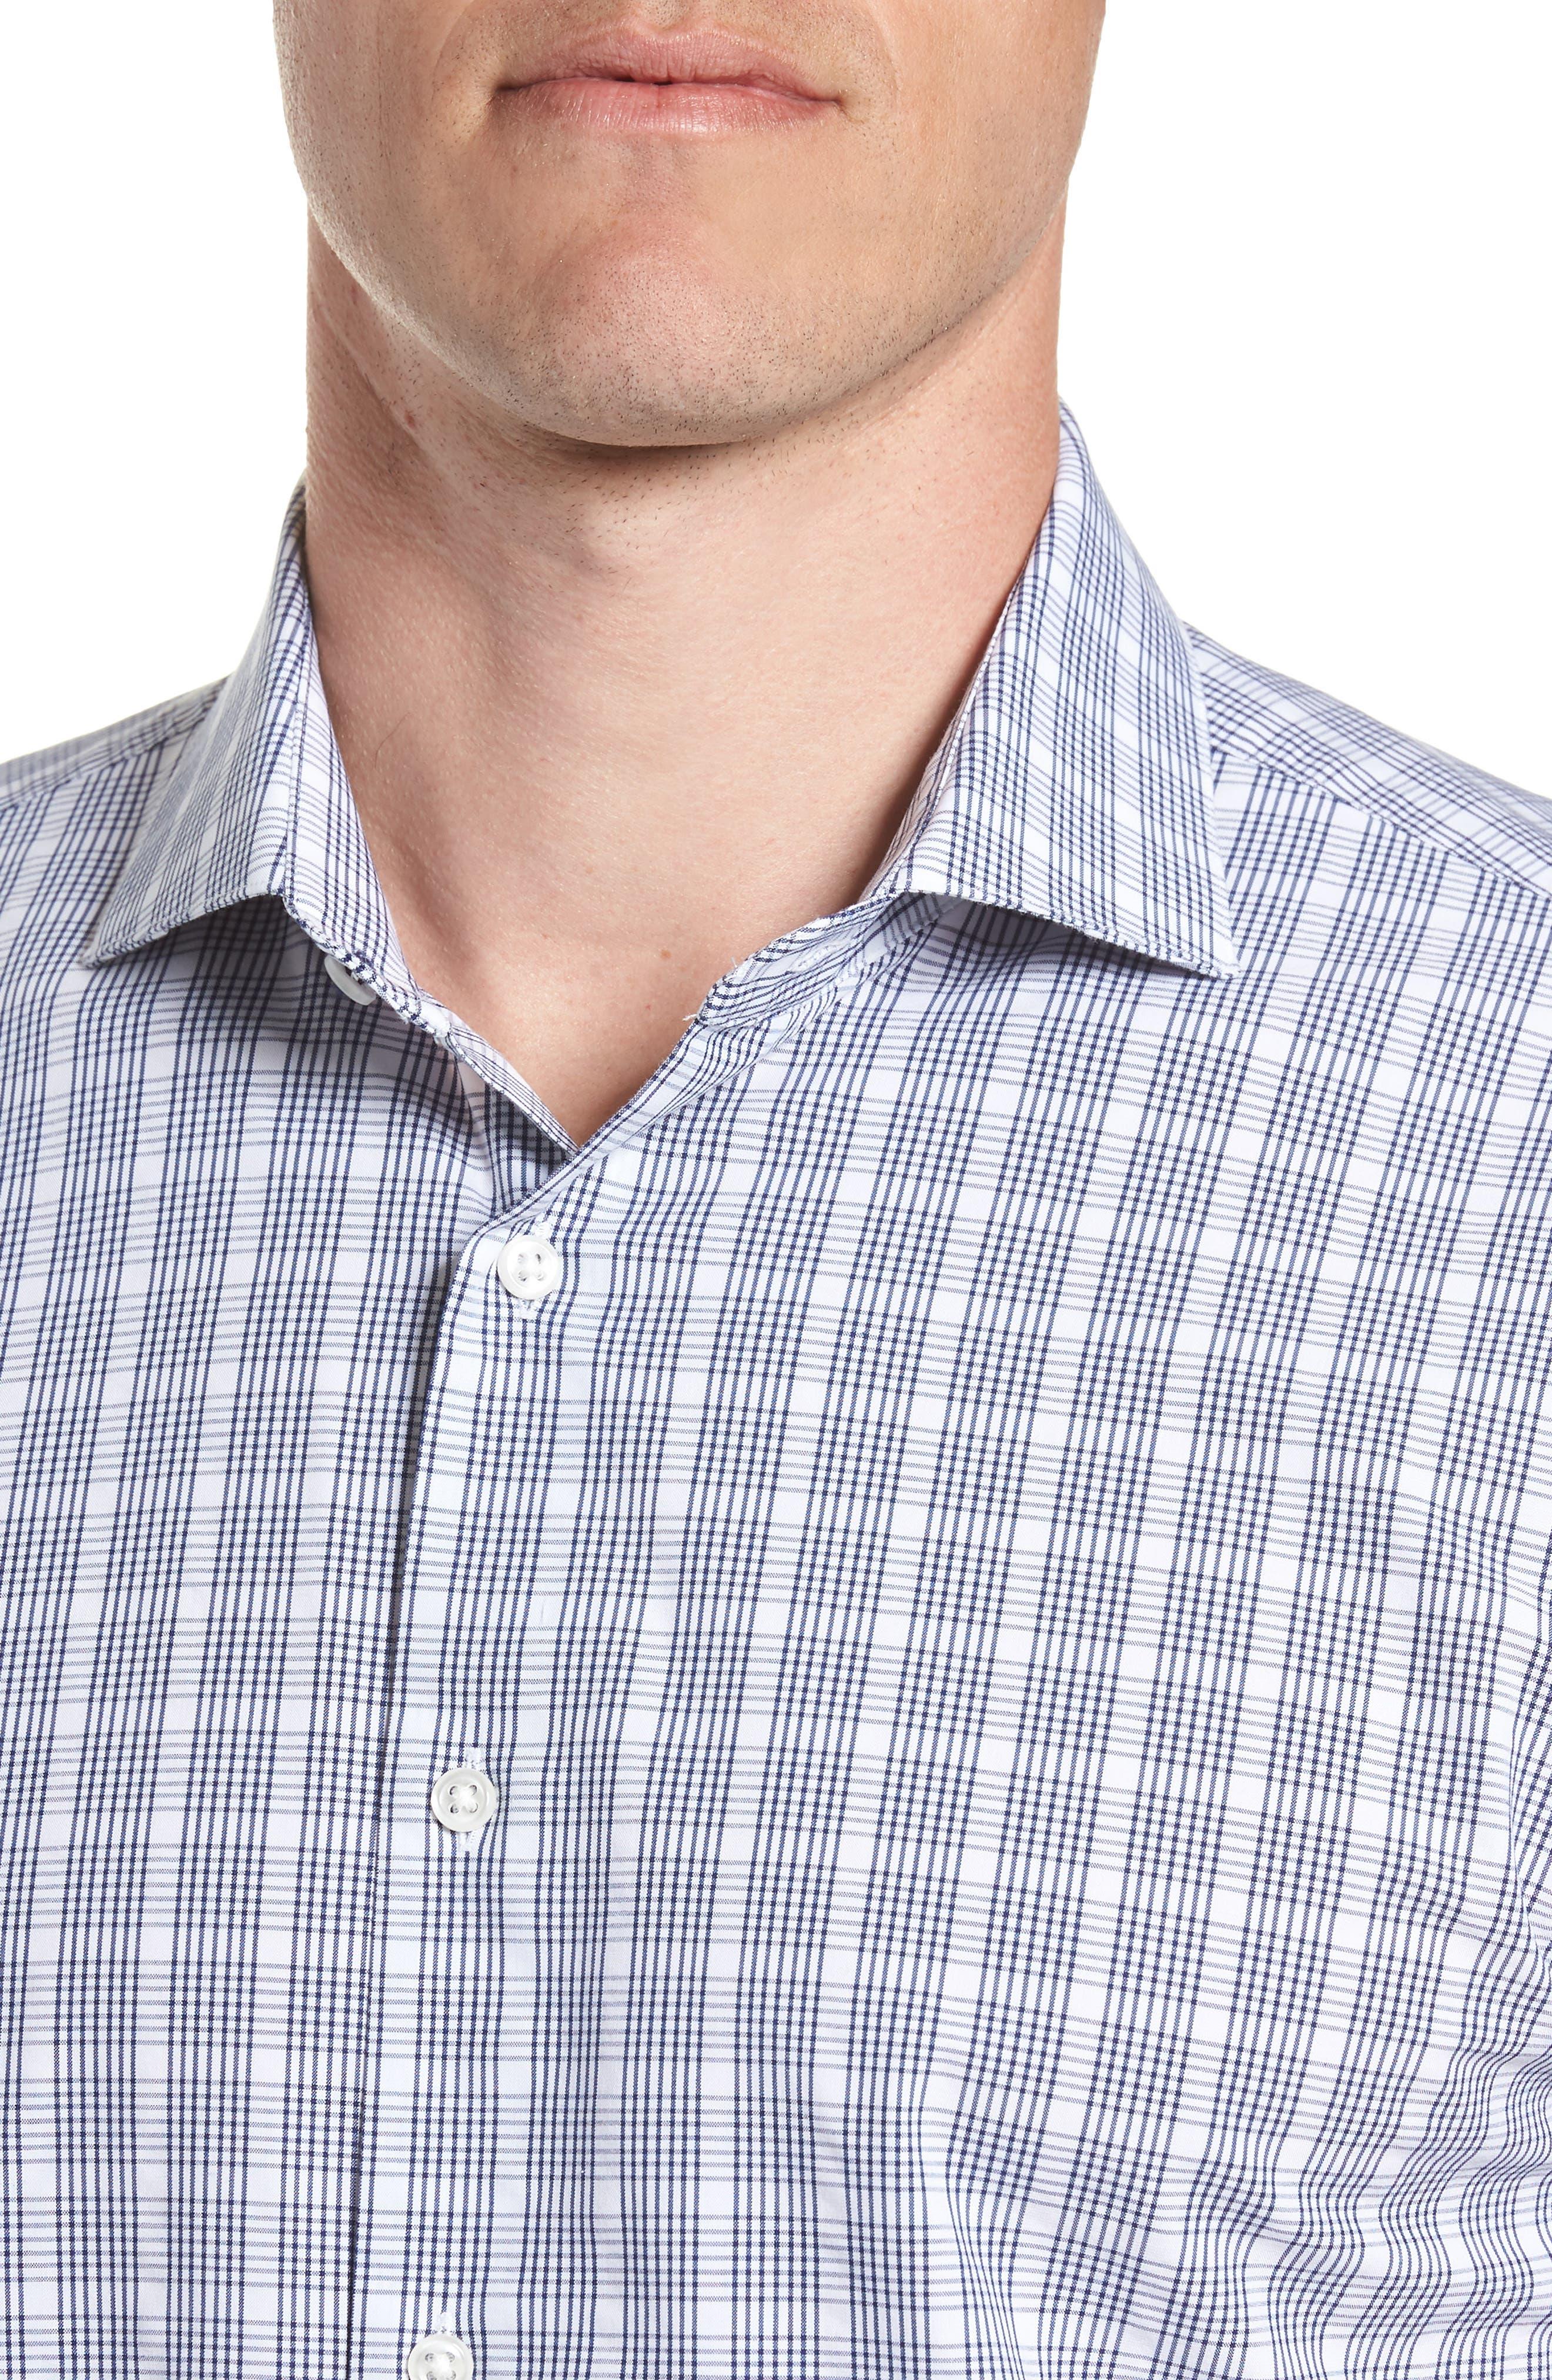 Tech-Smart Trim Fit Plaid Dress Shirt,                             Alternate thumbnail 2, color,                             Navy Dusk